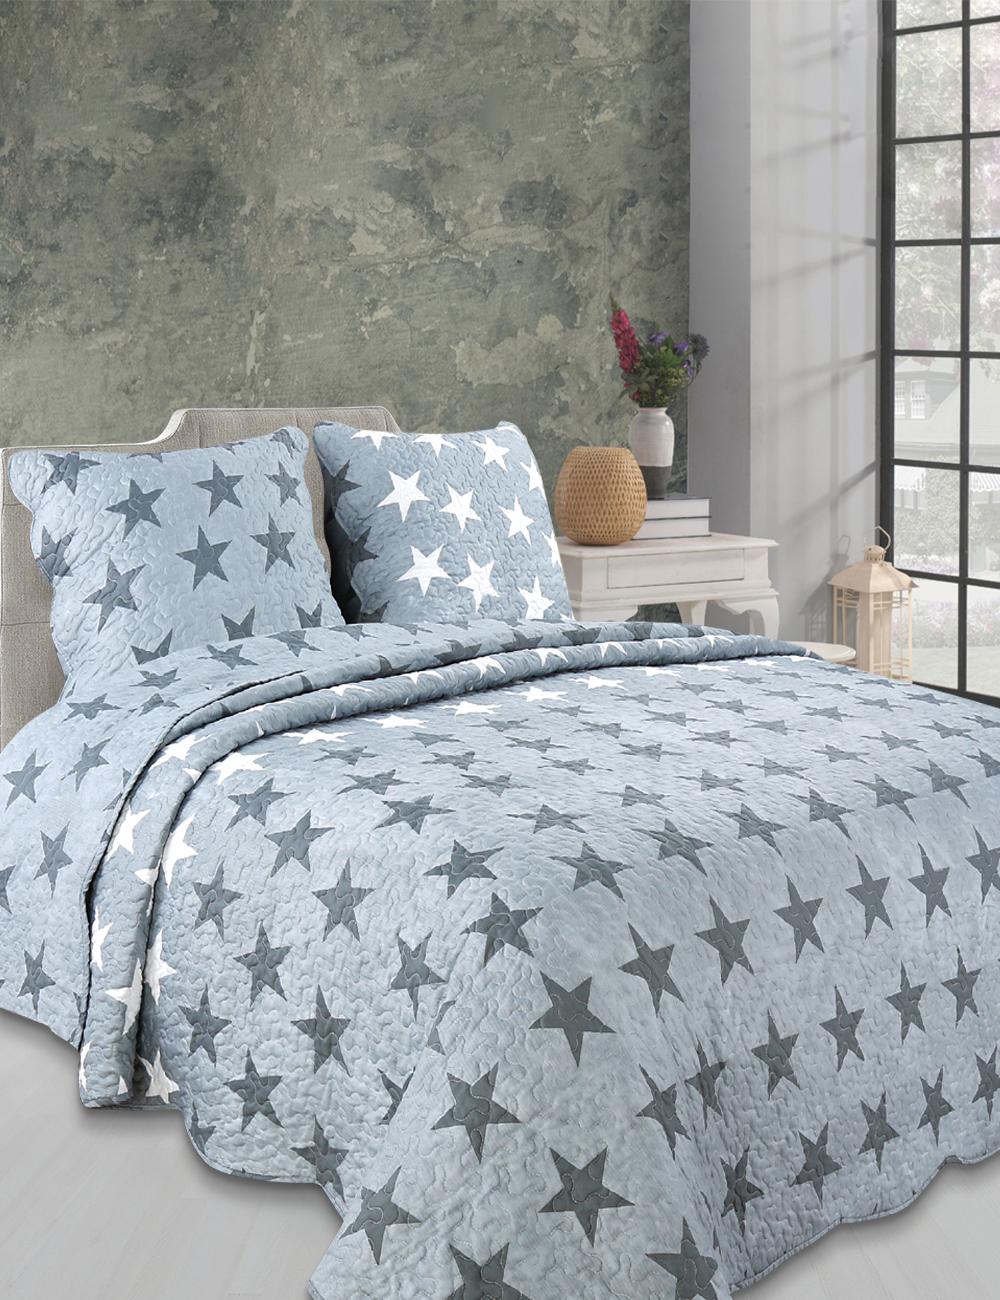 couvre lit stella 240 x 260 cm. Black Bedroom Furniture Sets. Home Design Ideas